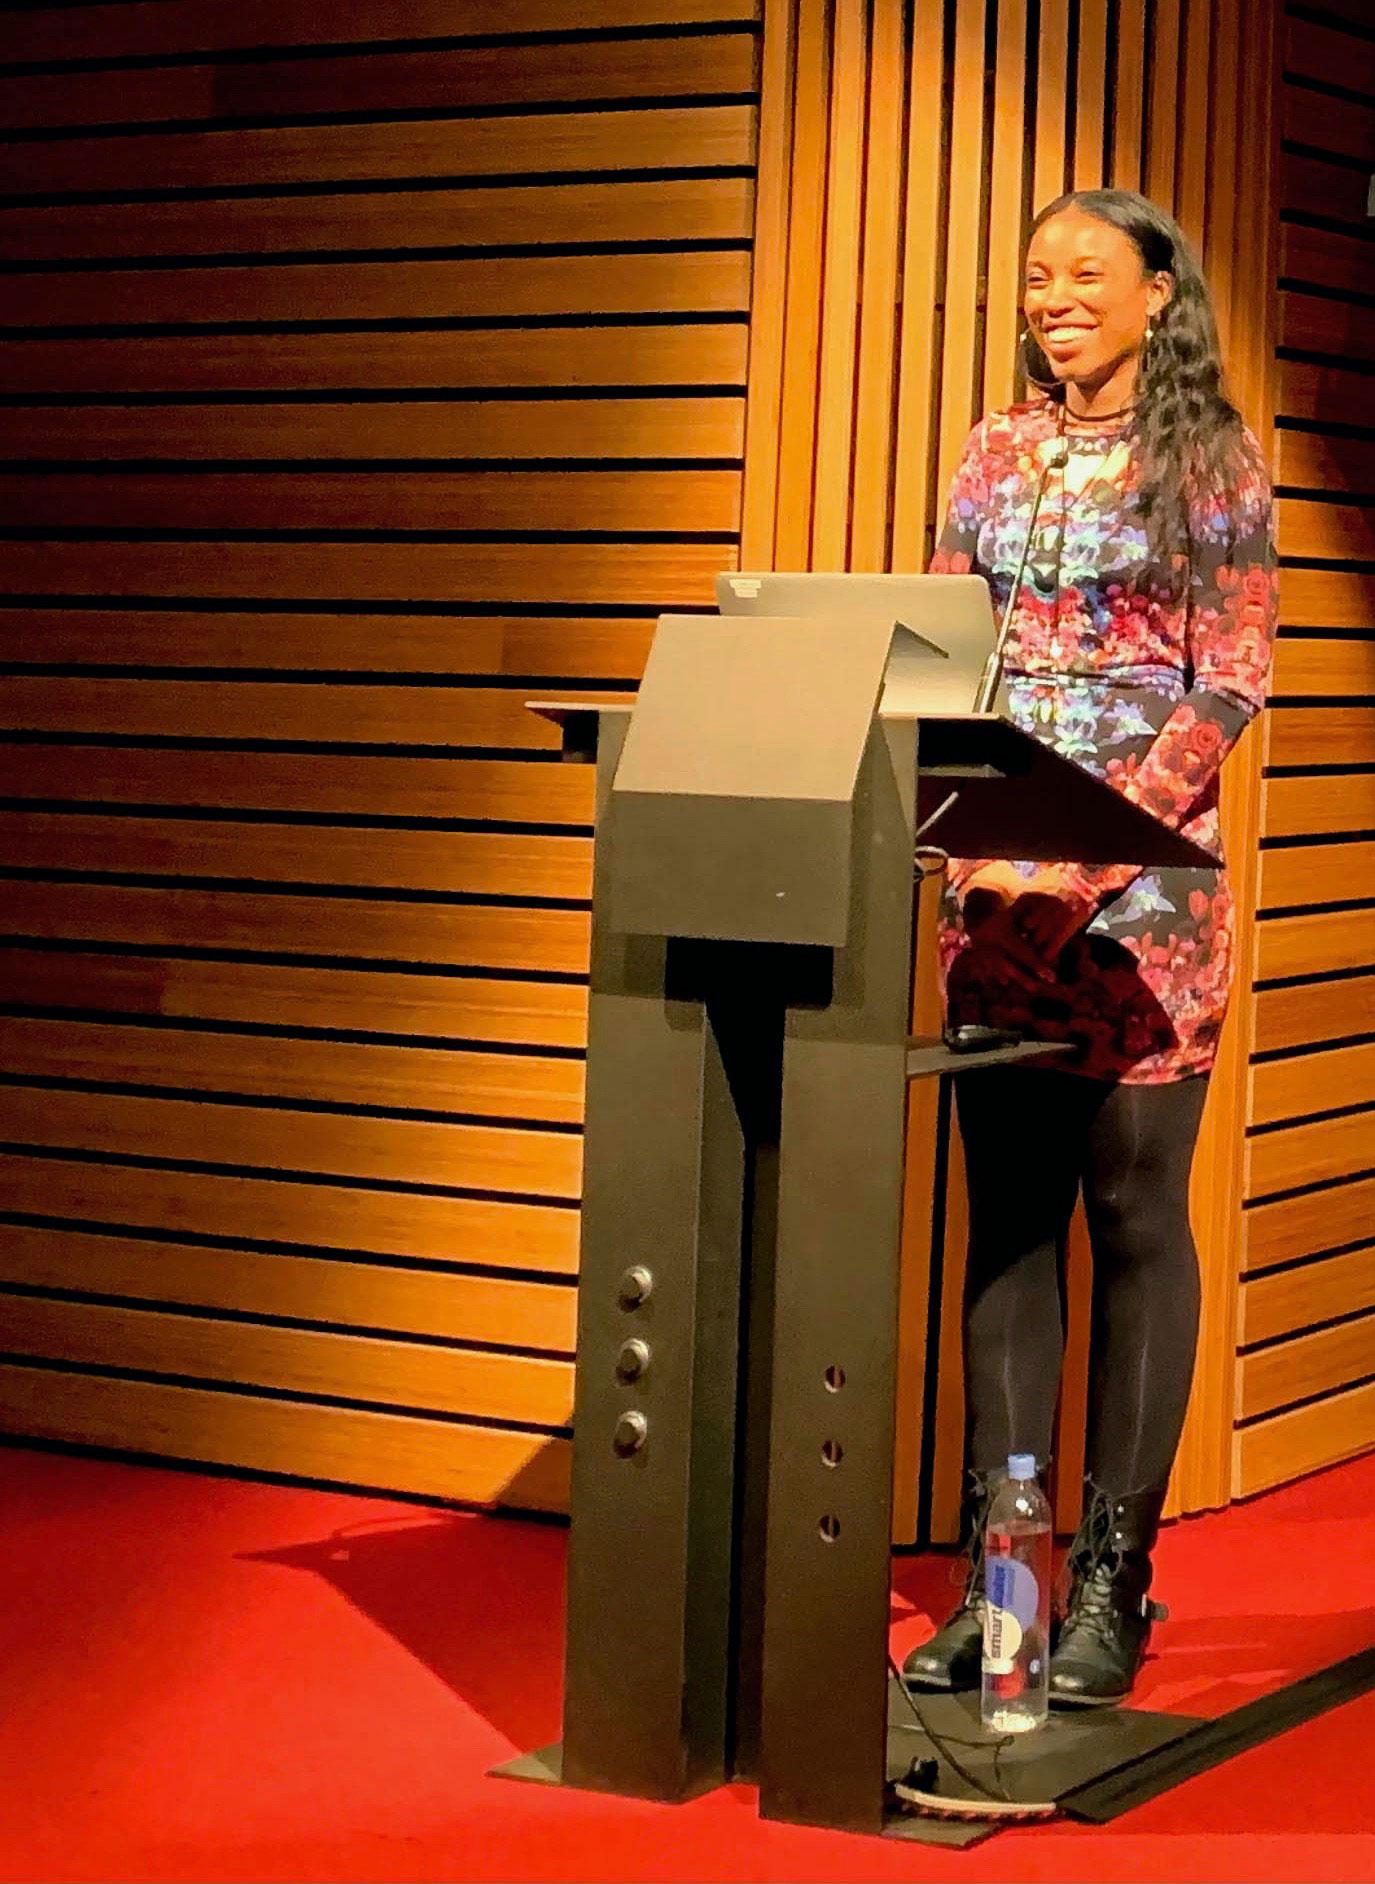 Jasmine Leyva at the podiuim